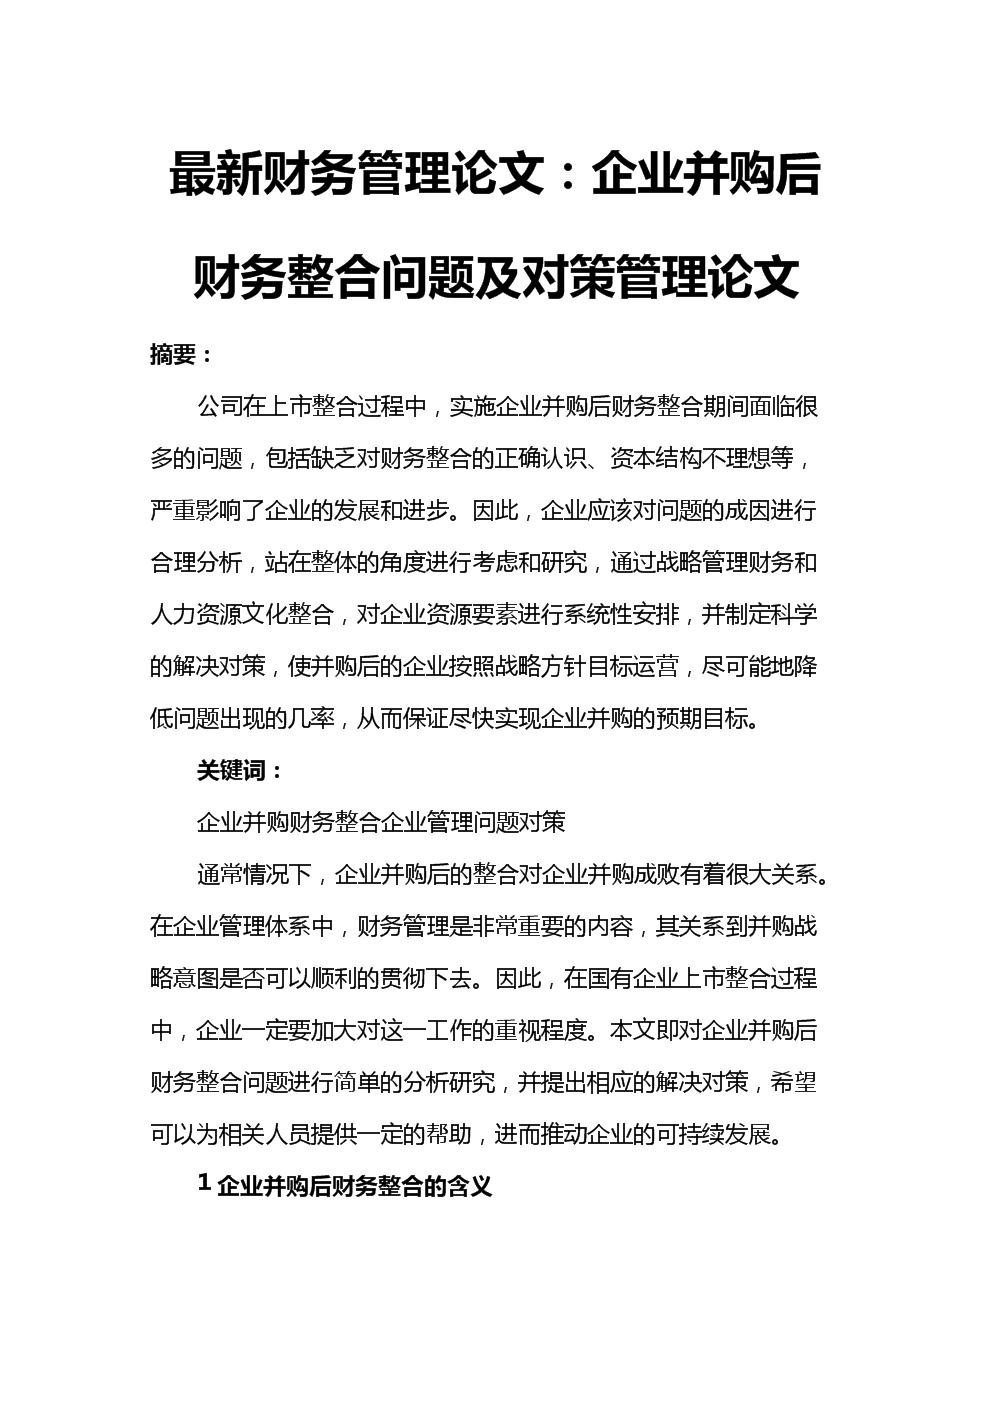 2019财务管理论文:企业并购后财务整合问题及对策管理论文.docx